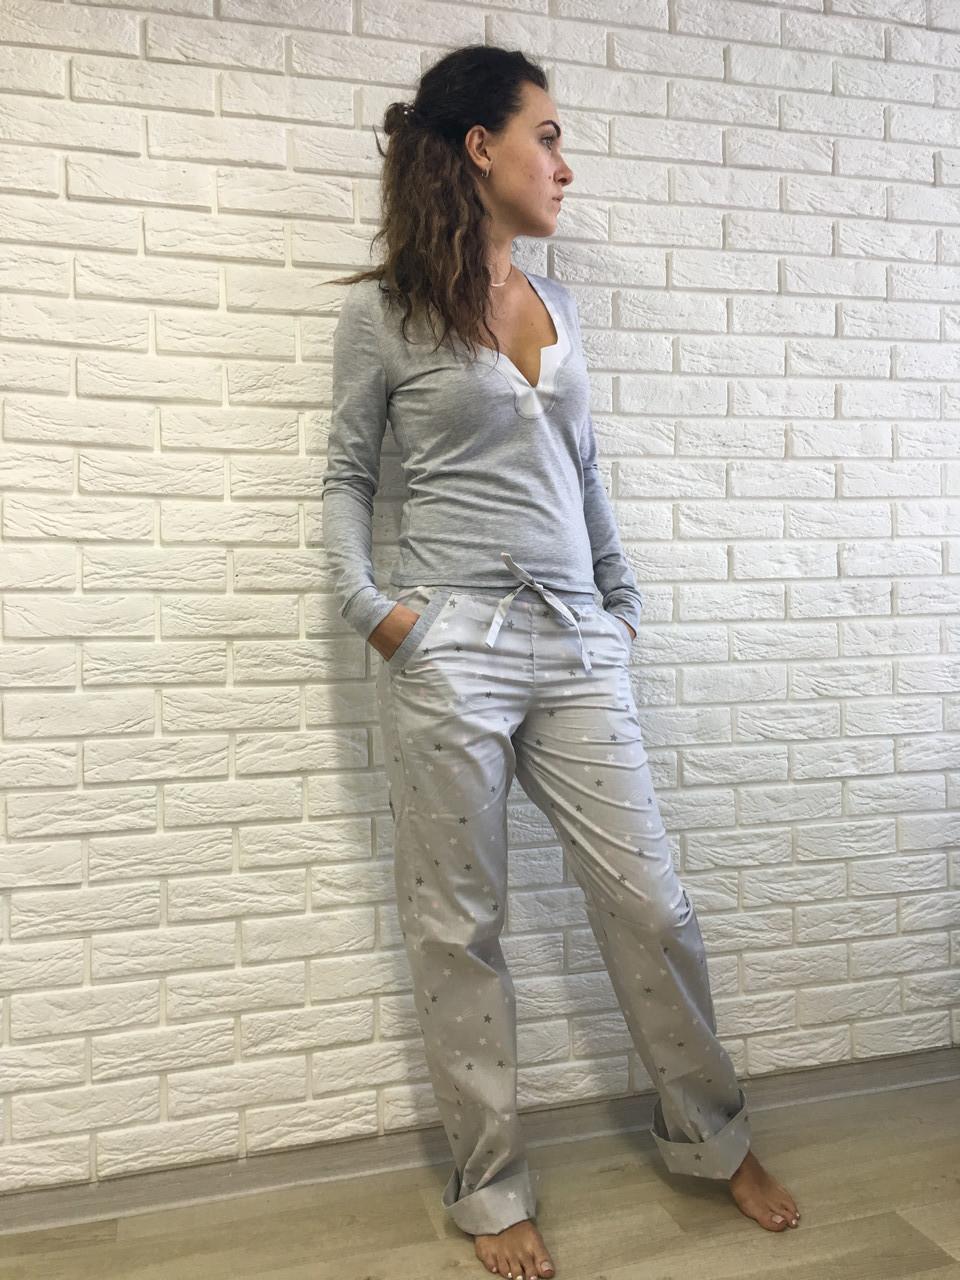 d464e2875803 Женский домашний костюм S M L XL, серая со звездами, хлопок - econommama в  Харькове